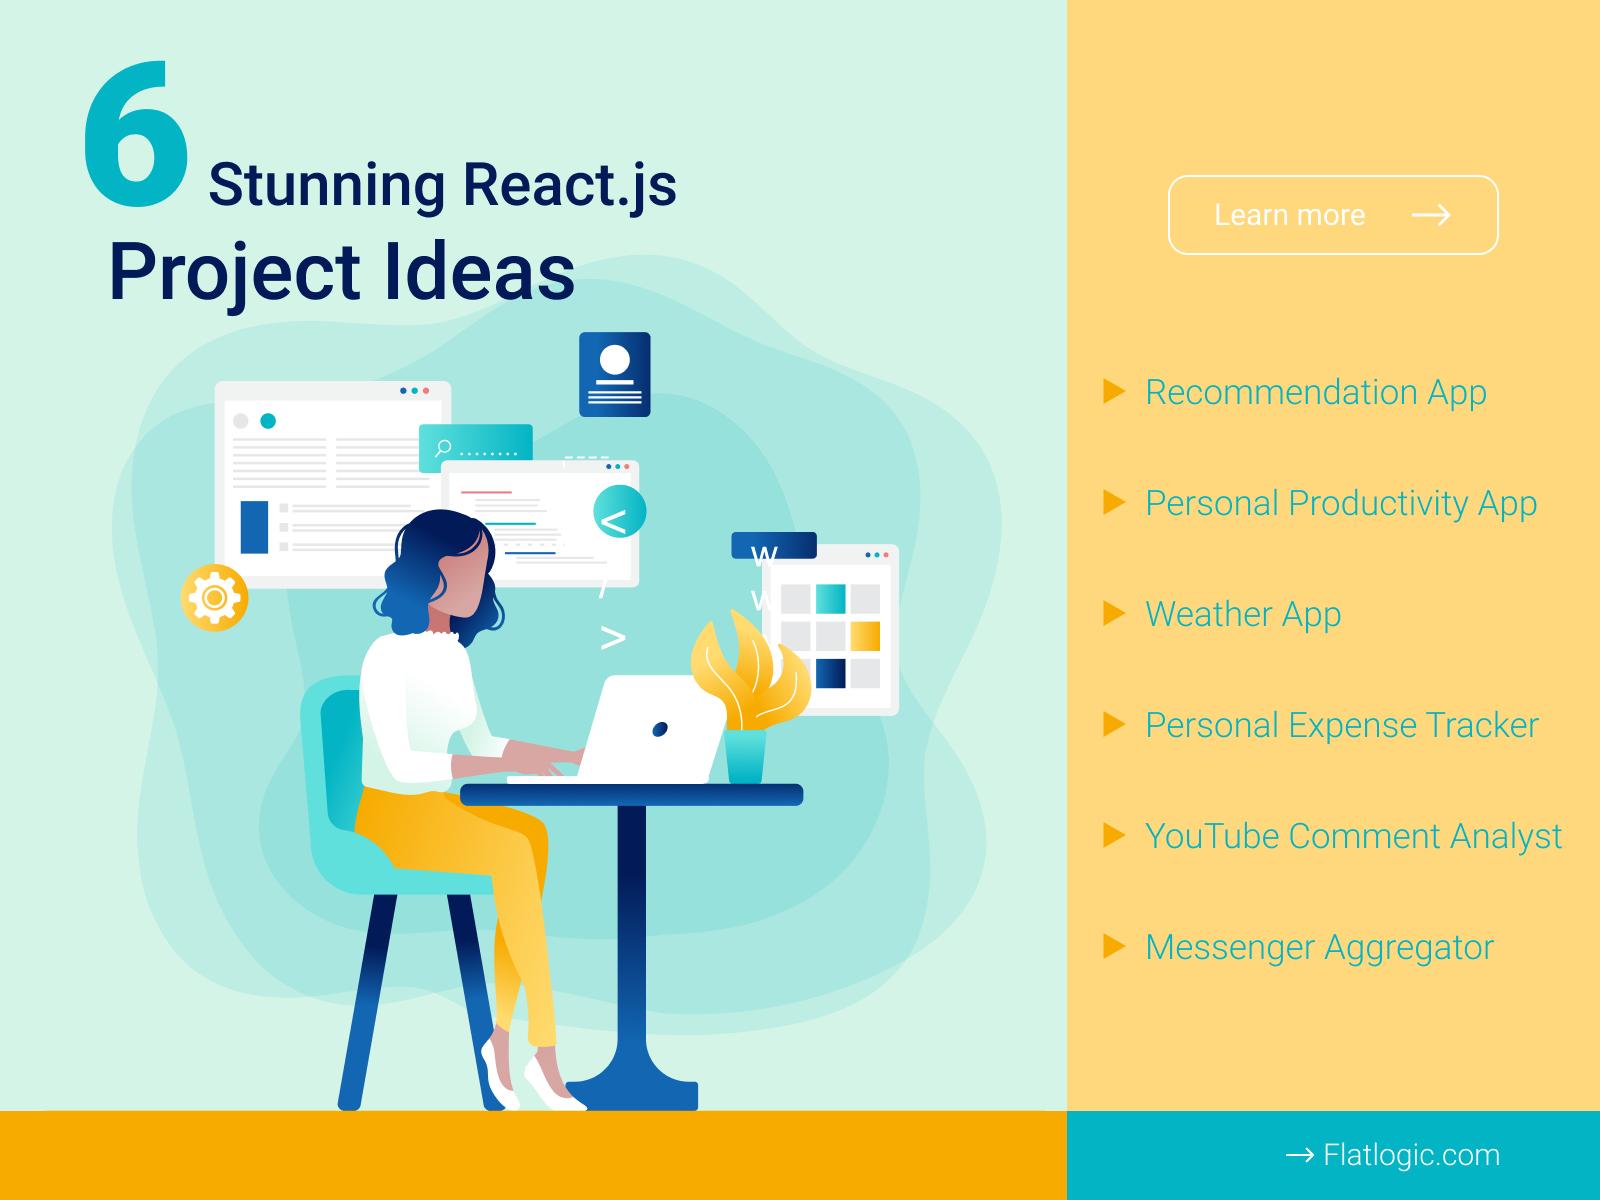 6 Stunning React.js Project Ideas - RapidAPI